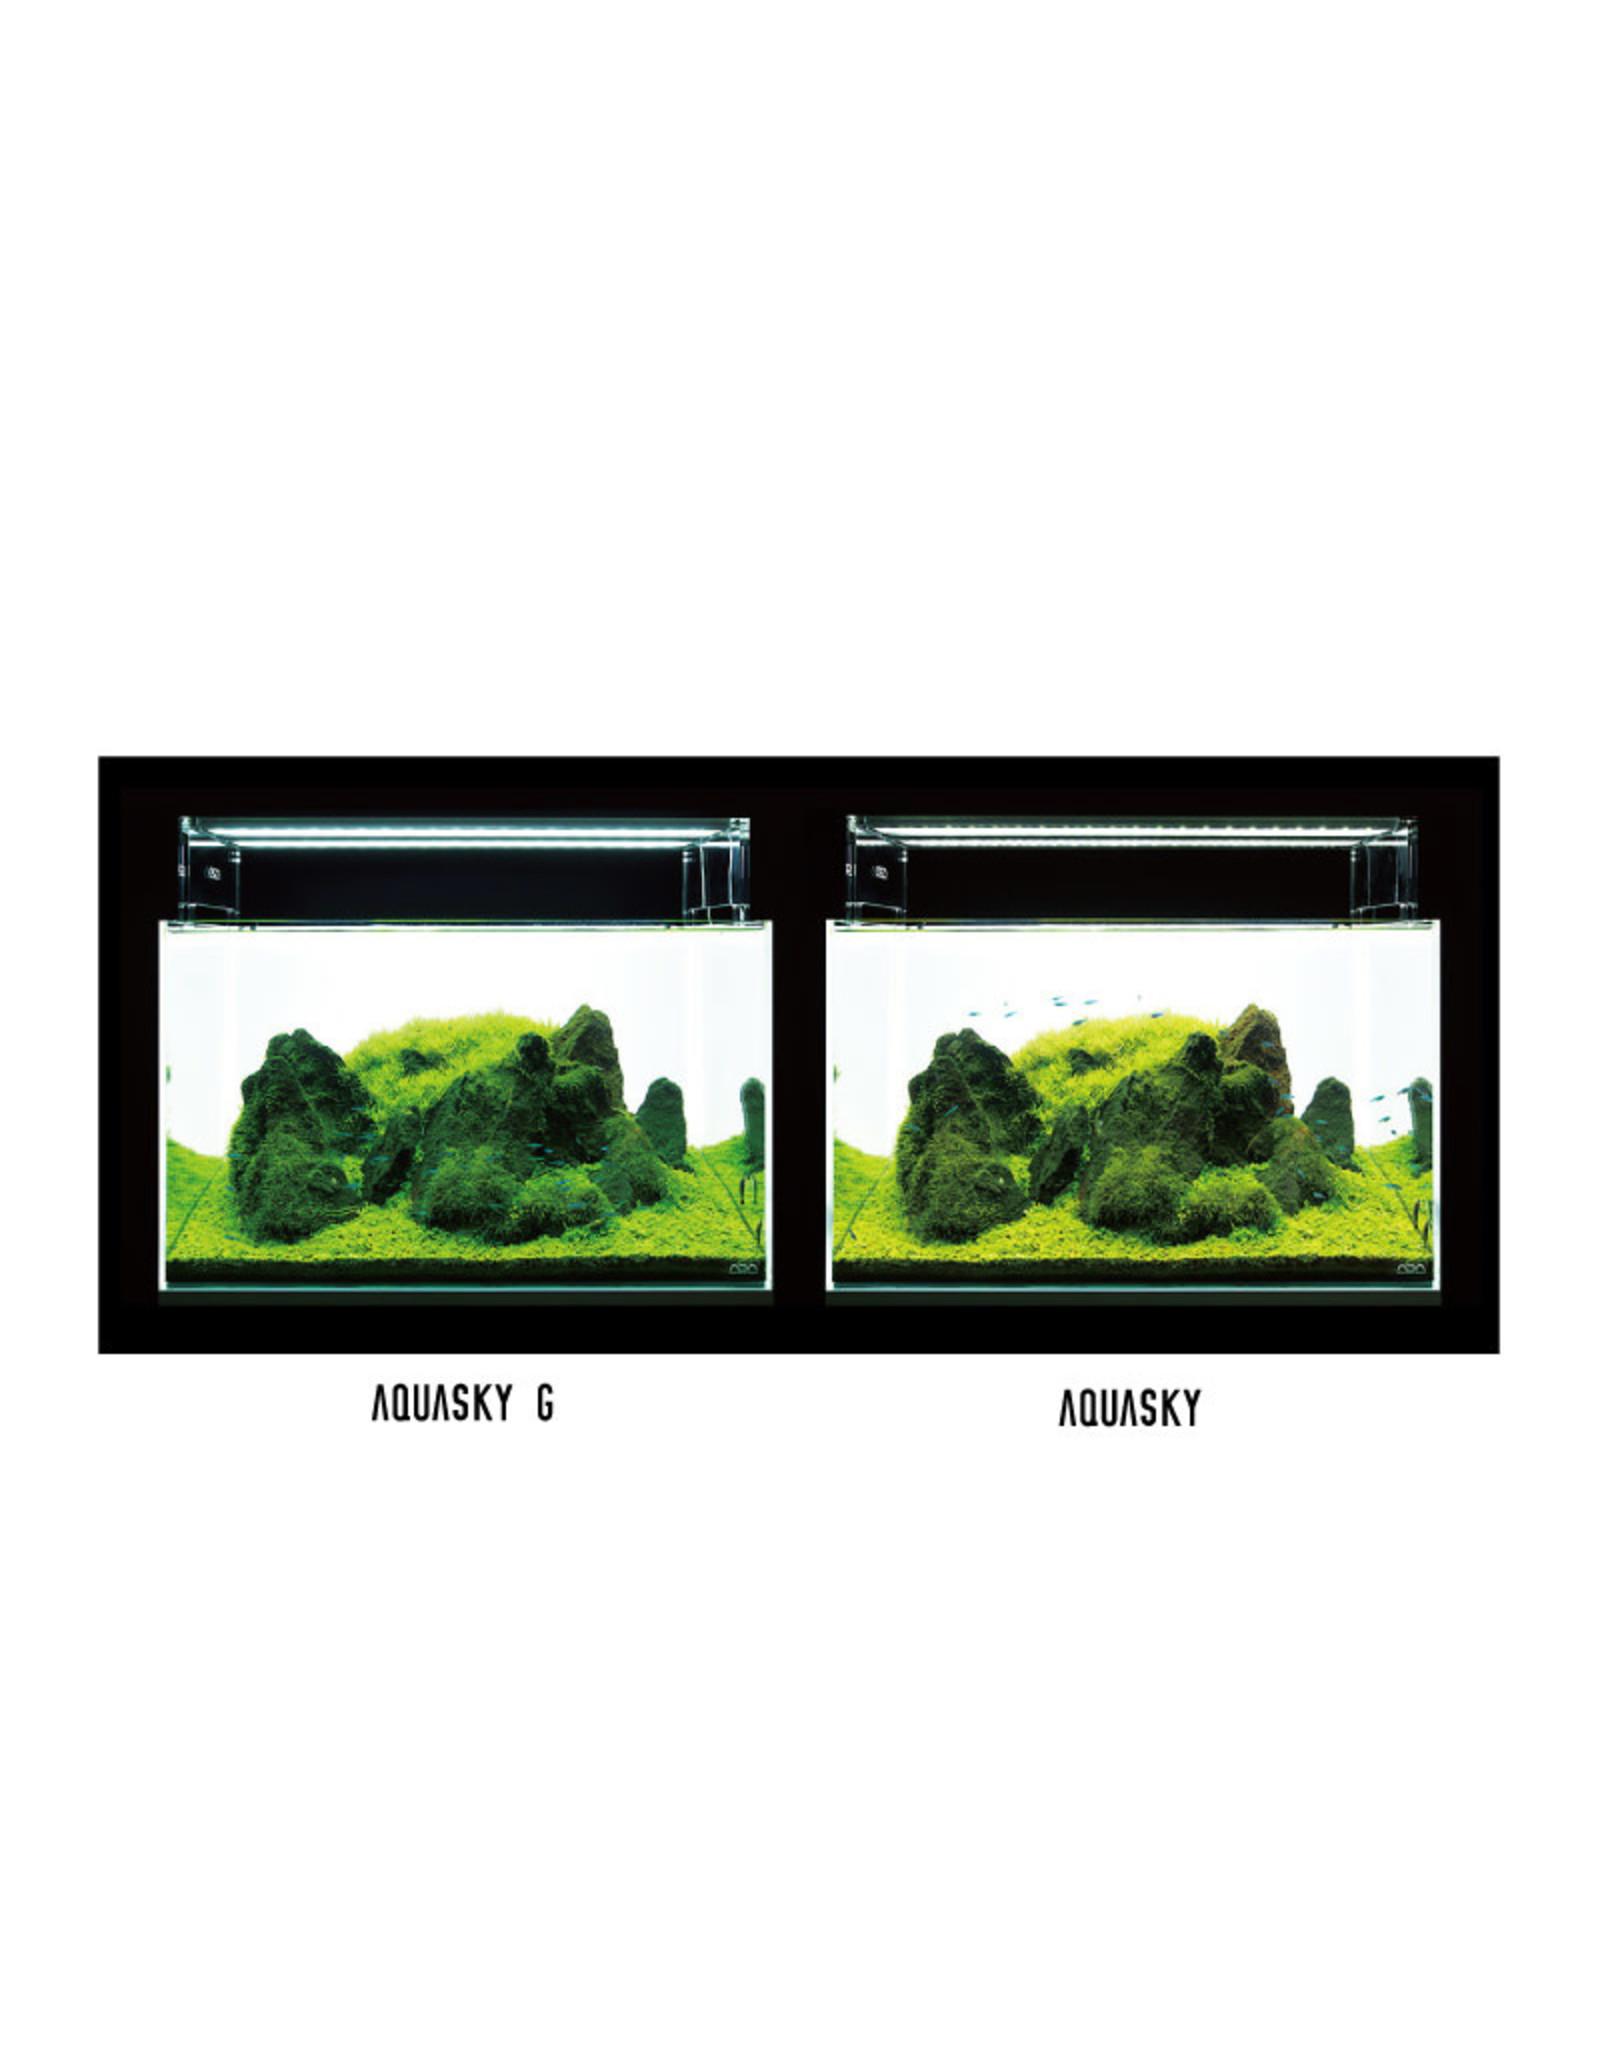 ADA AQUASKY / AQUASKY G - Stand replacement